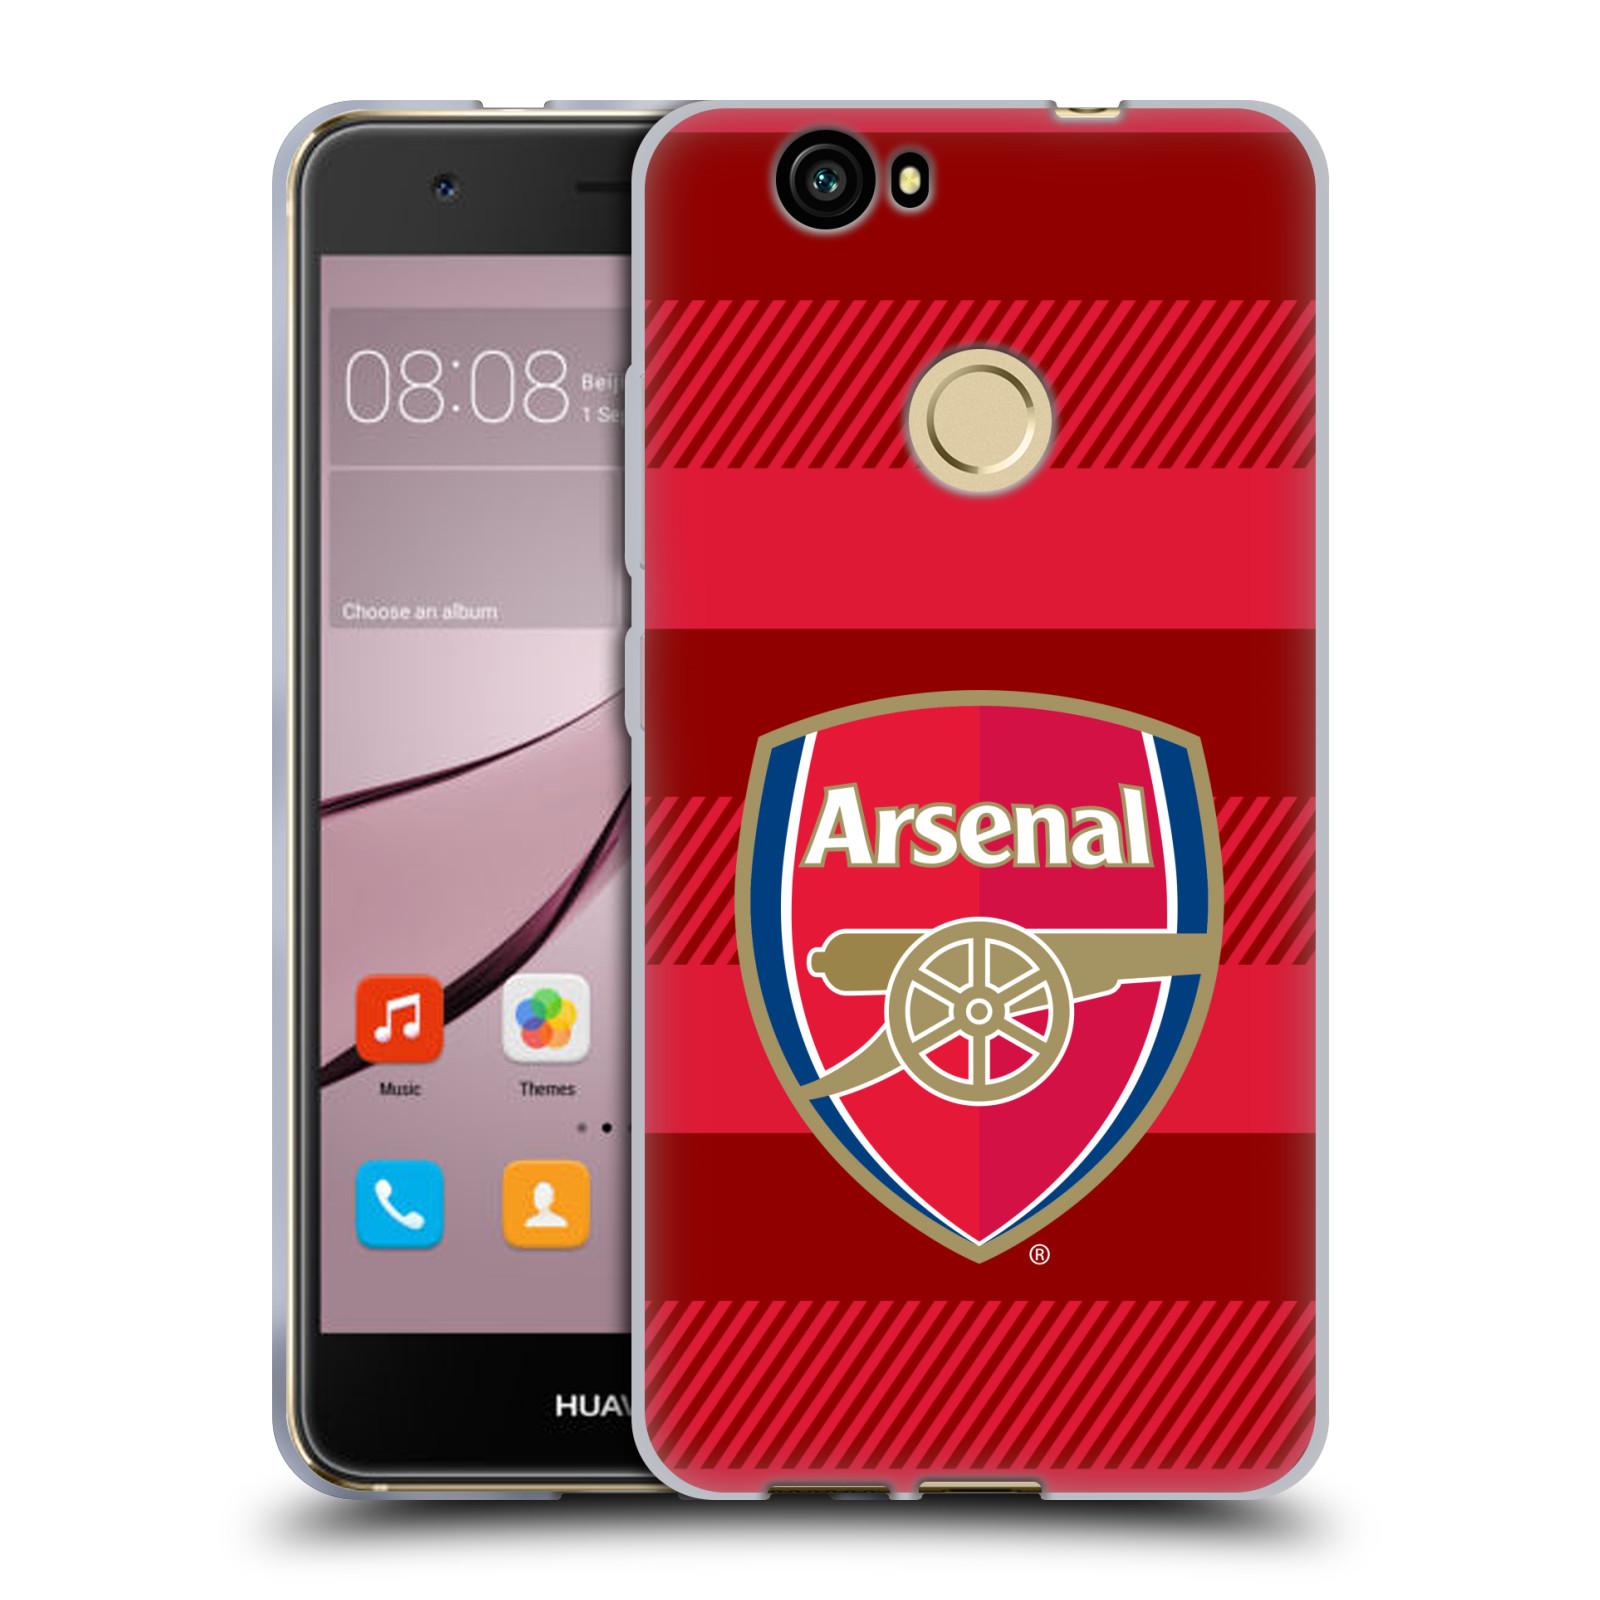 Silikonové pouzdro na mobil Huawei Nova - Head Case - Arsenal FC - Logo s pruhy